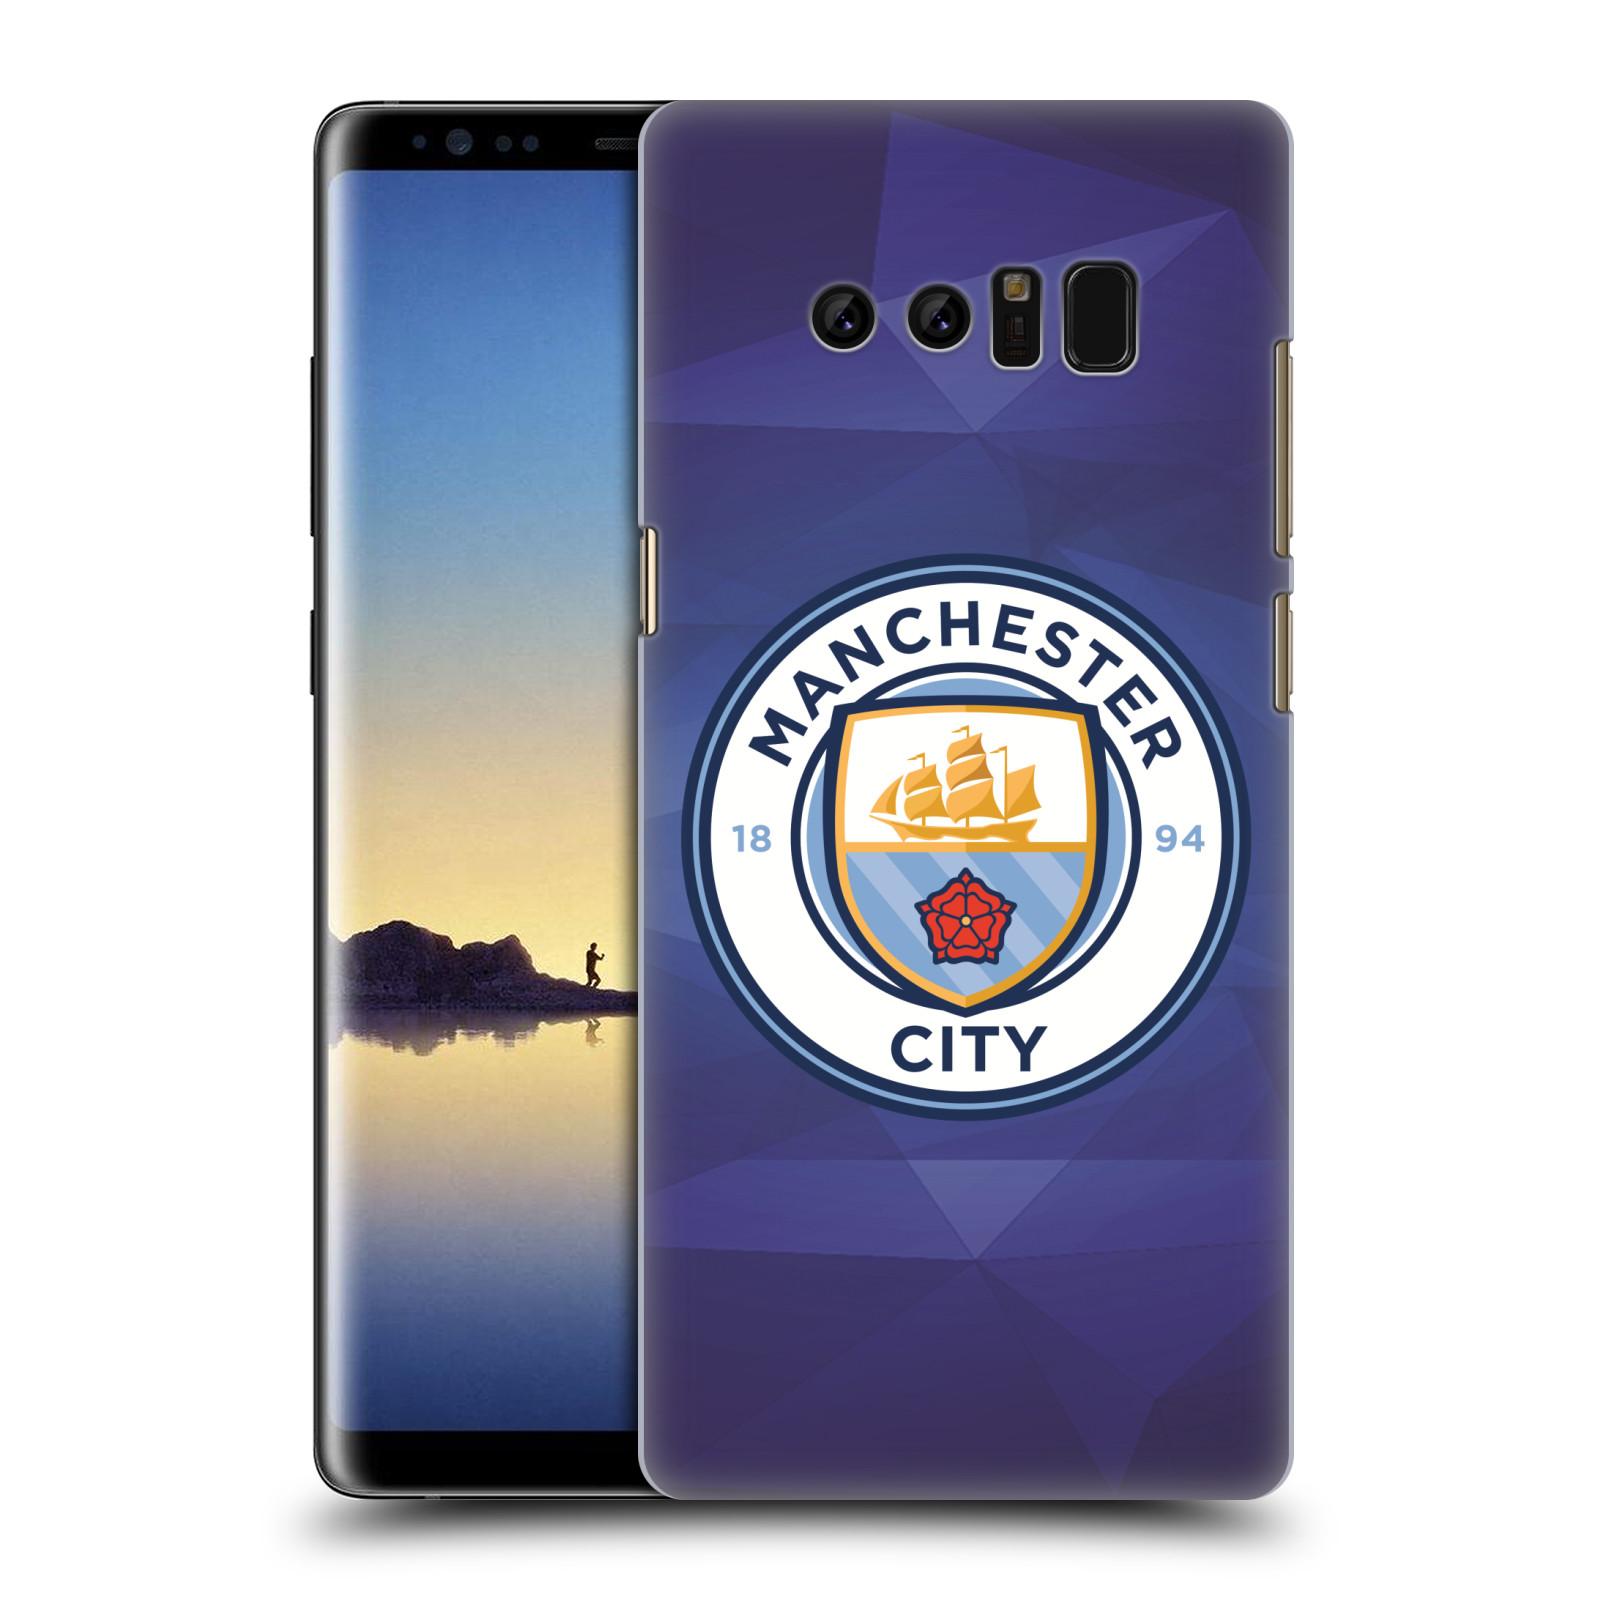 Plastové pouzdro na mobil Samsung Galaxy Note 8 - Head Case - Manchester City FC - Modré nové logo (Plastový kryt či obal na mobilní telefon Samsung Galaxy Note 8 SM-N950 s motivem Manchester City FC - Modré nové logo)